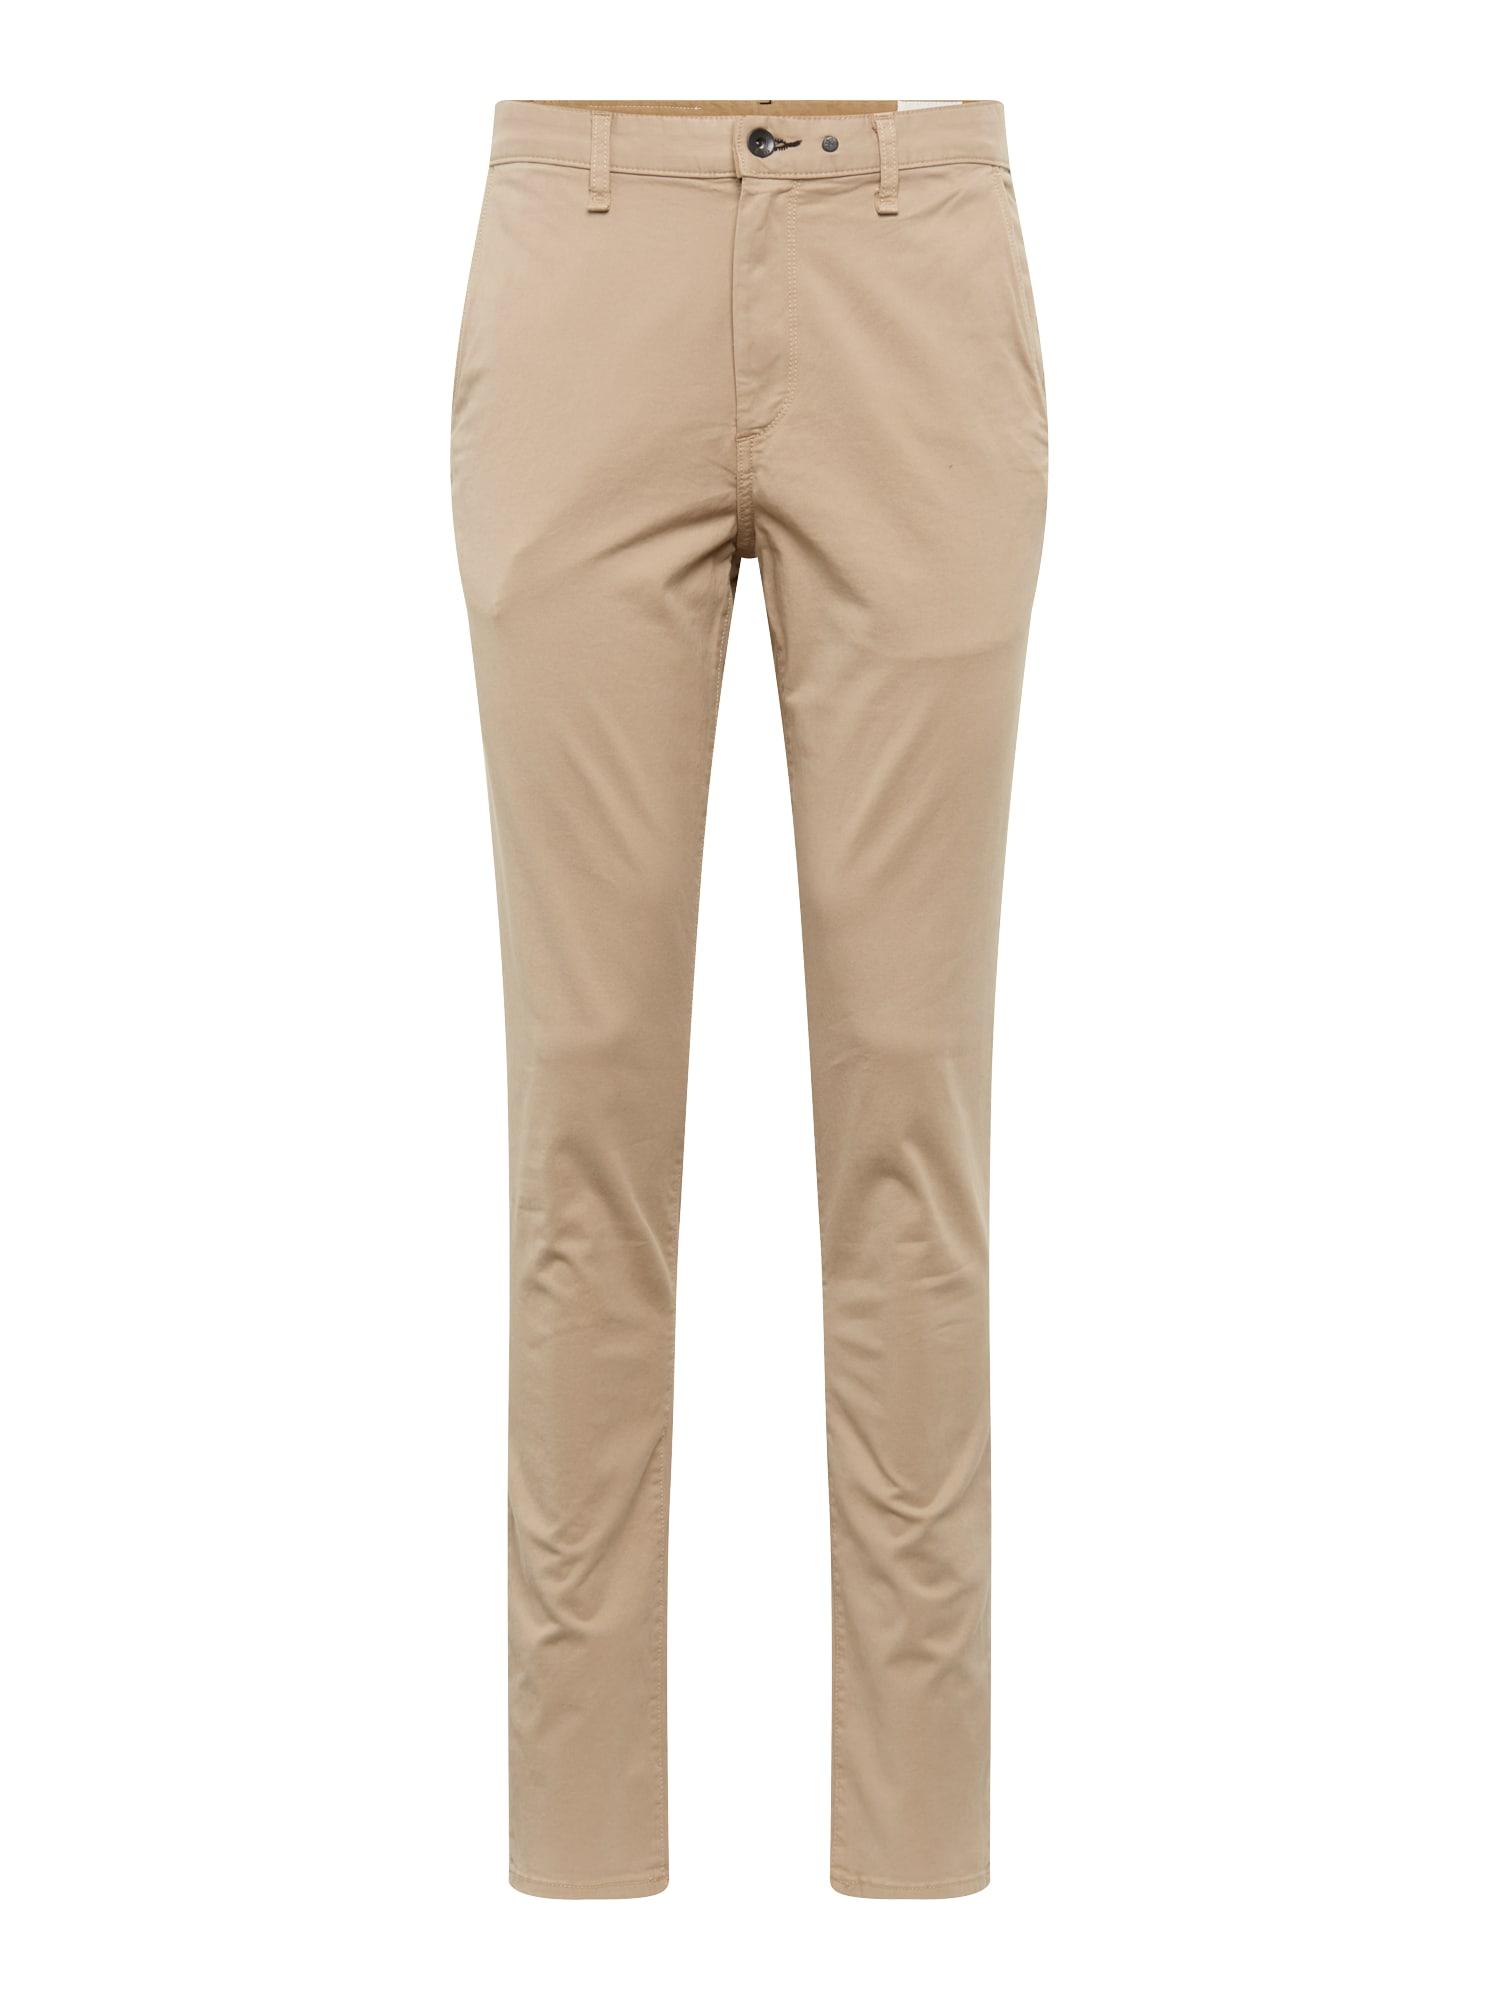 Chino kalhoty Classic Chino béžová Rag & Bone